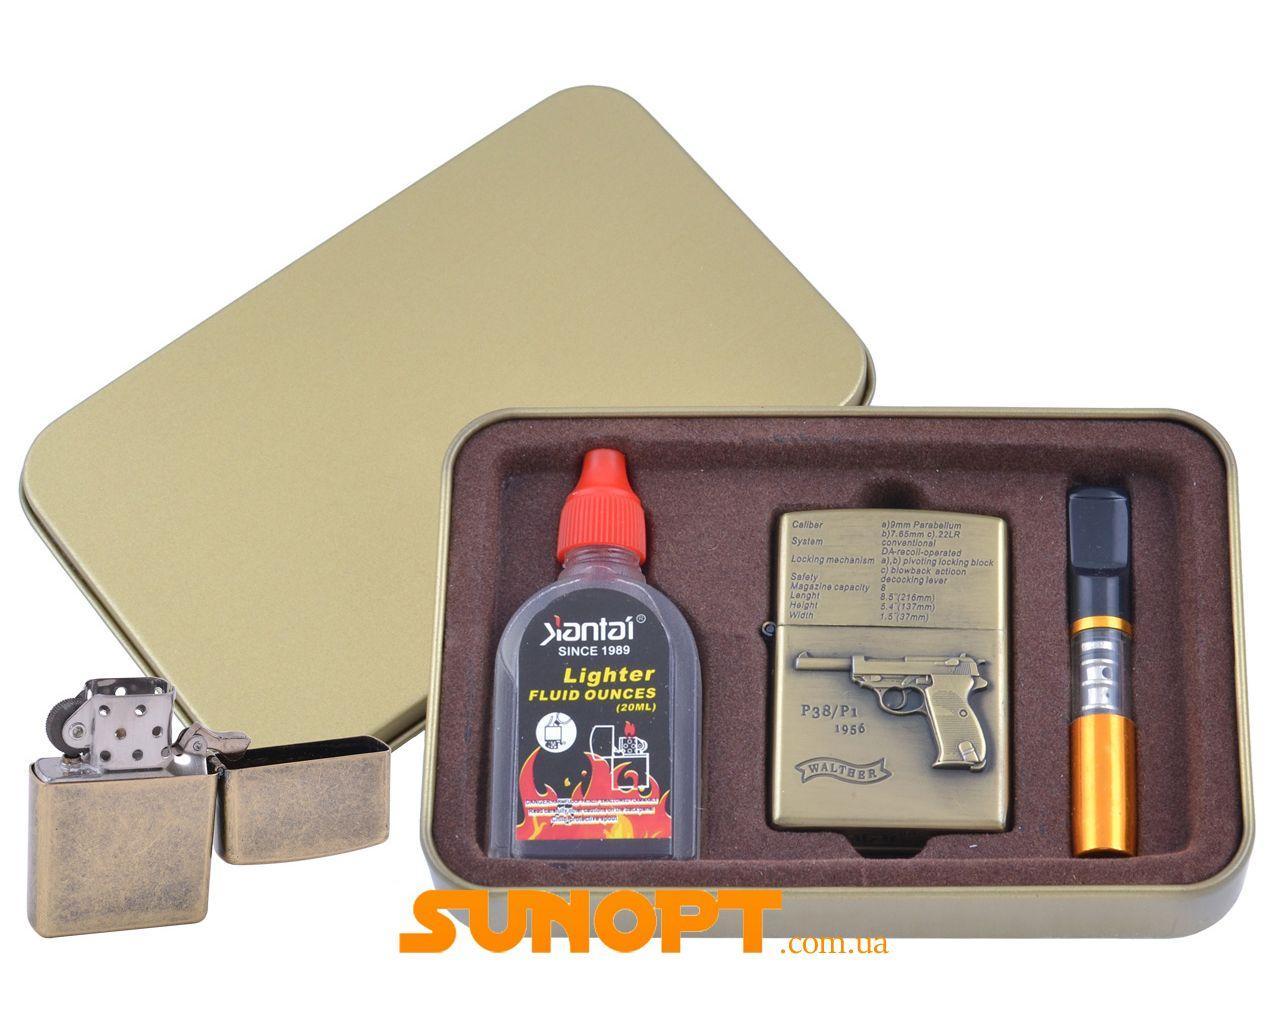 Зажигалка бензиновая в подарочной коробке (Баллончик бензина/Мундштук) Пистолет P38/P1 №XT-4716-4